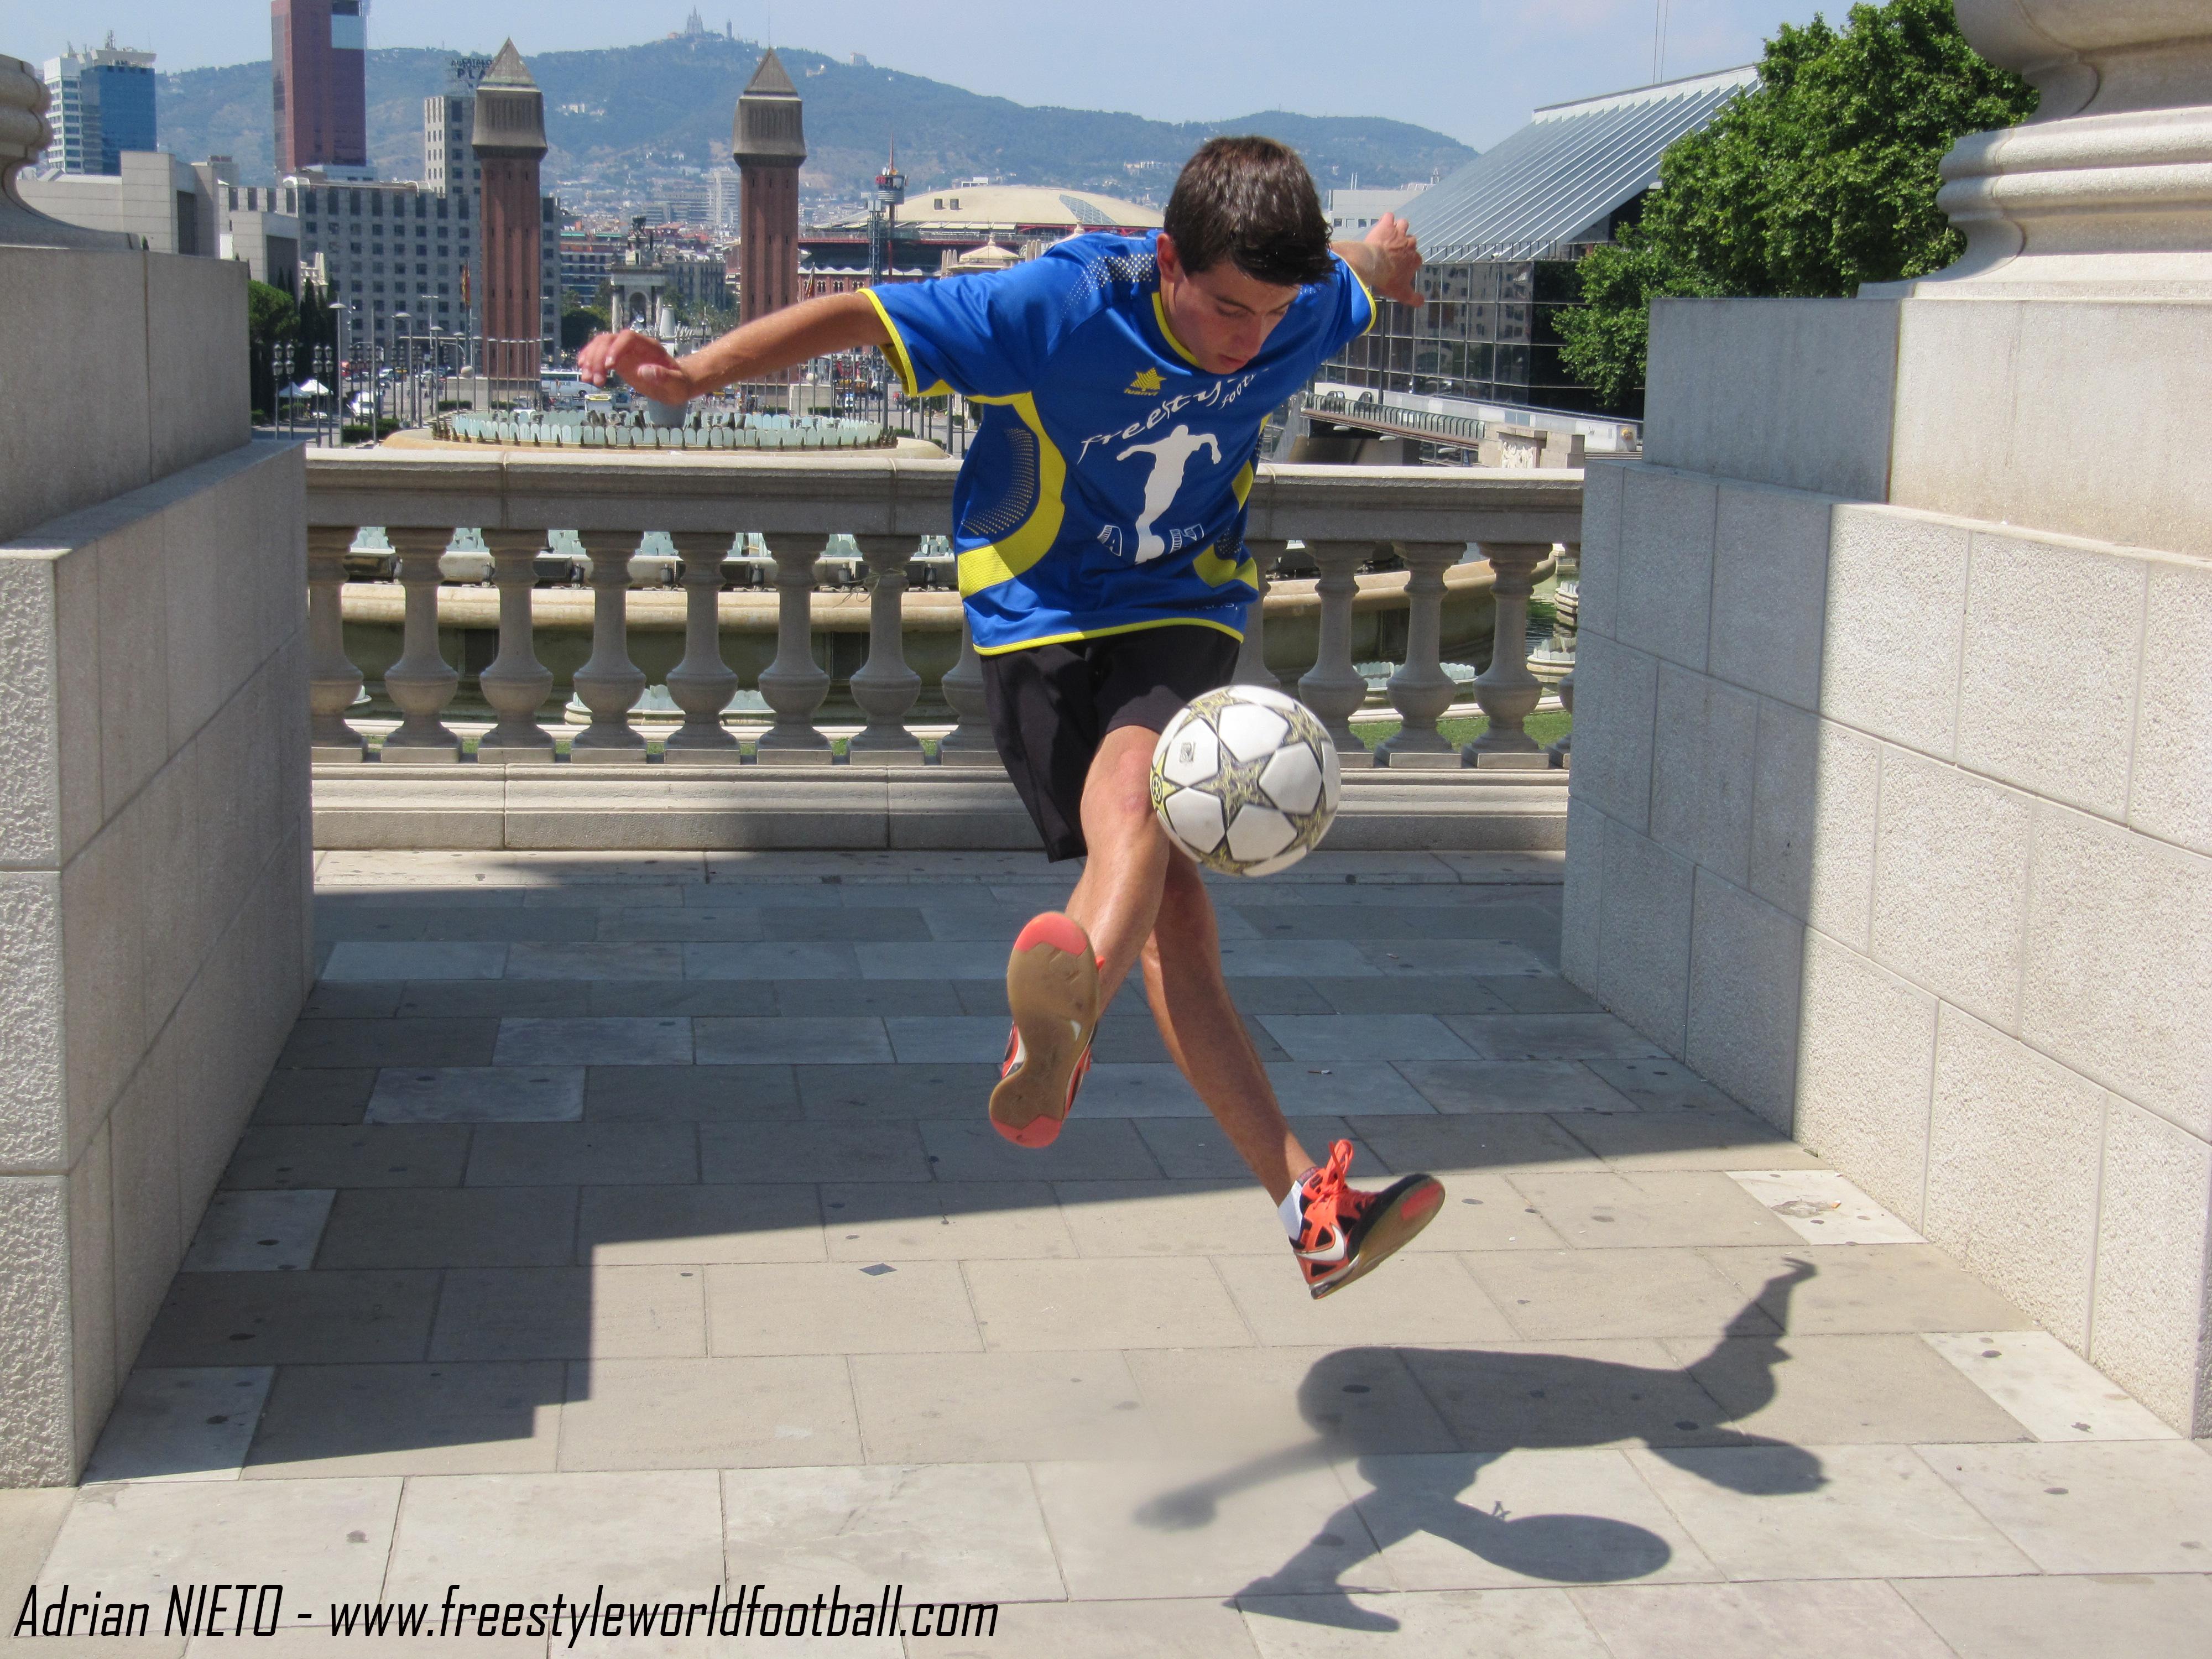 Adrian NIETO - 005 - www.freestyleworldfootball.com.jpg